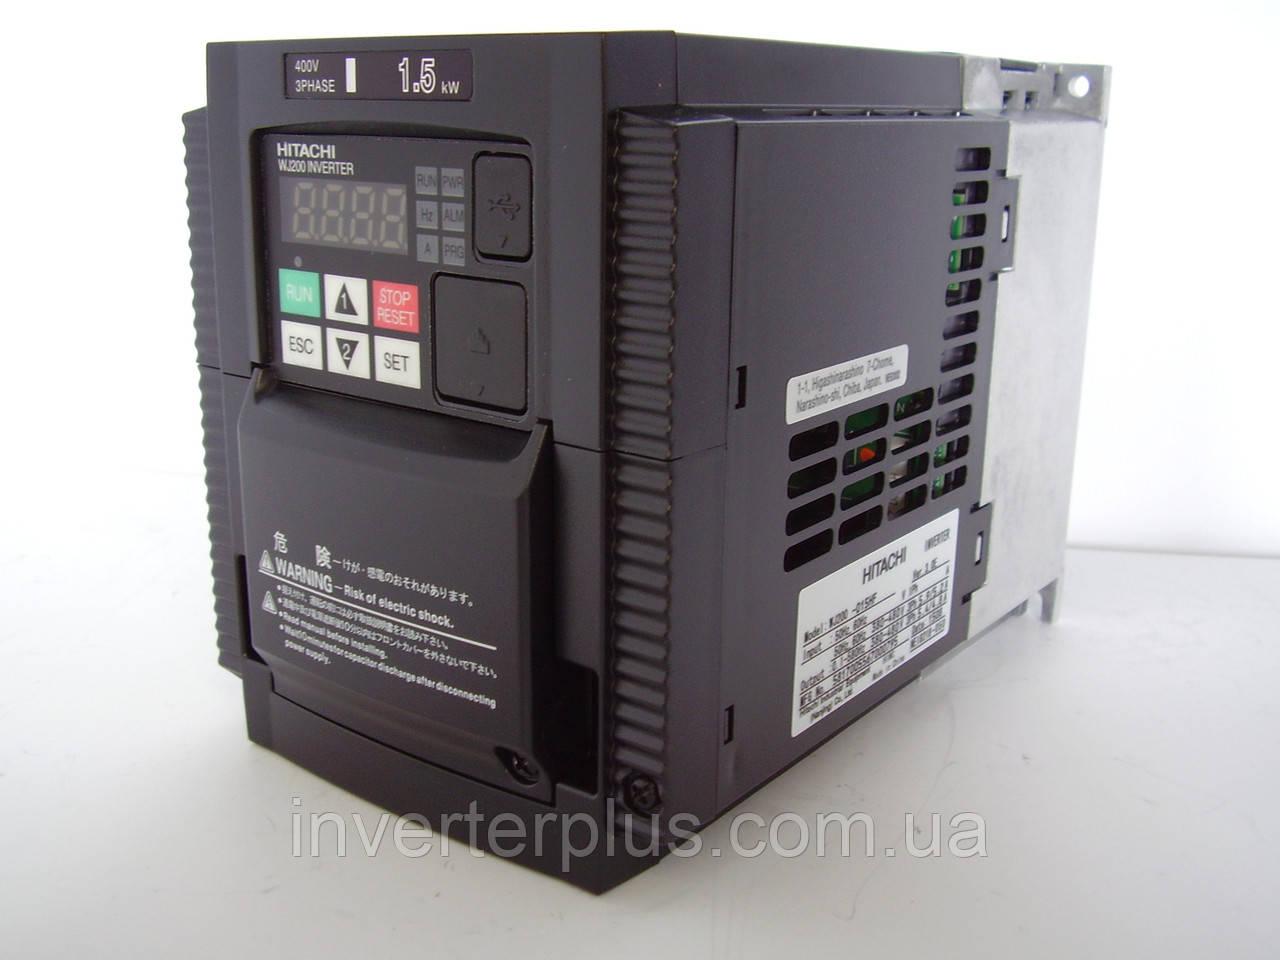 WJ200-015HF; 1,5кВт/380В. Инвертор Hitachi